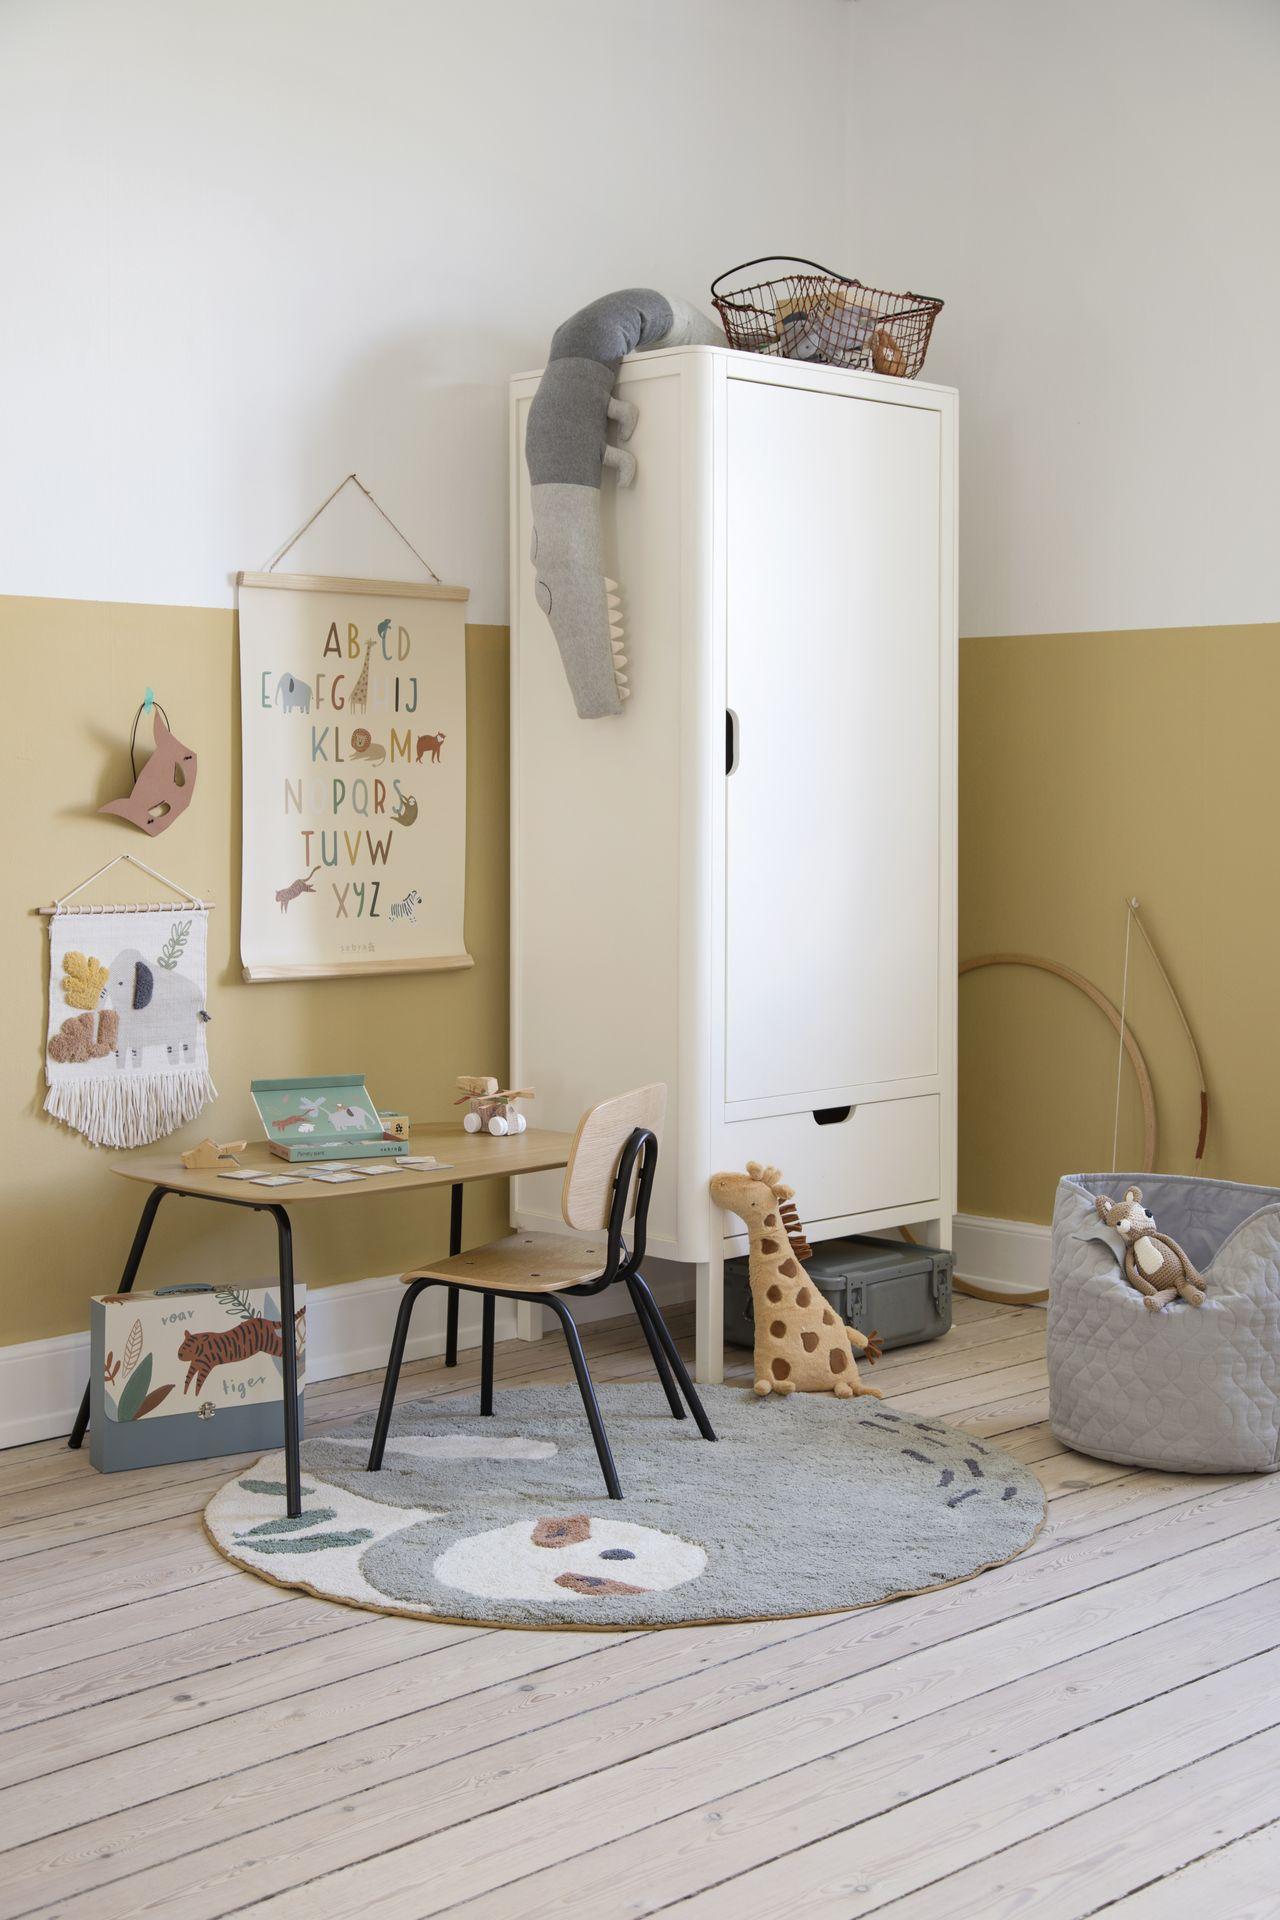 Sebra Kleiderschrank 1-türig in Berlin kaufen - Kleine Fabriek